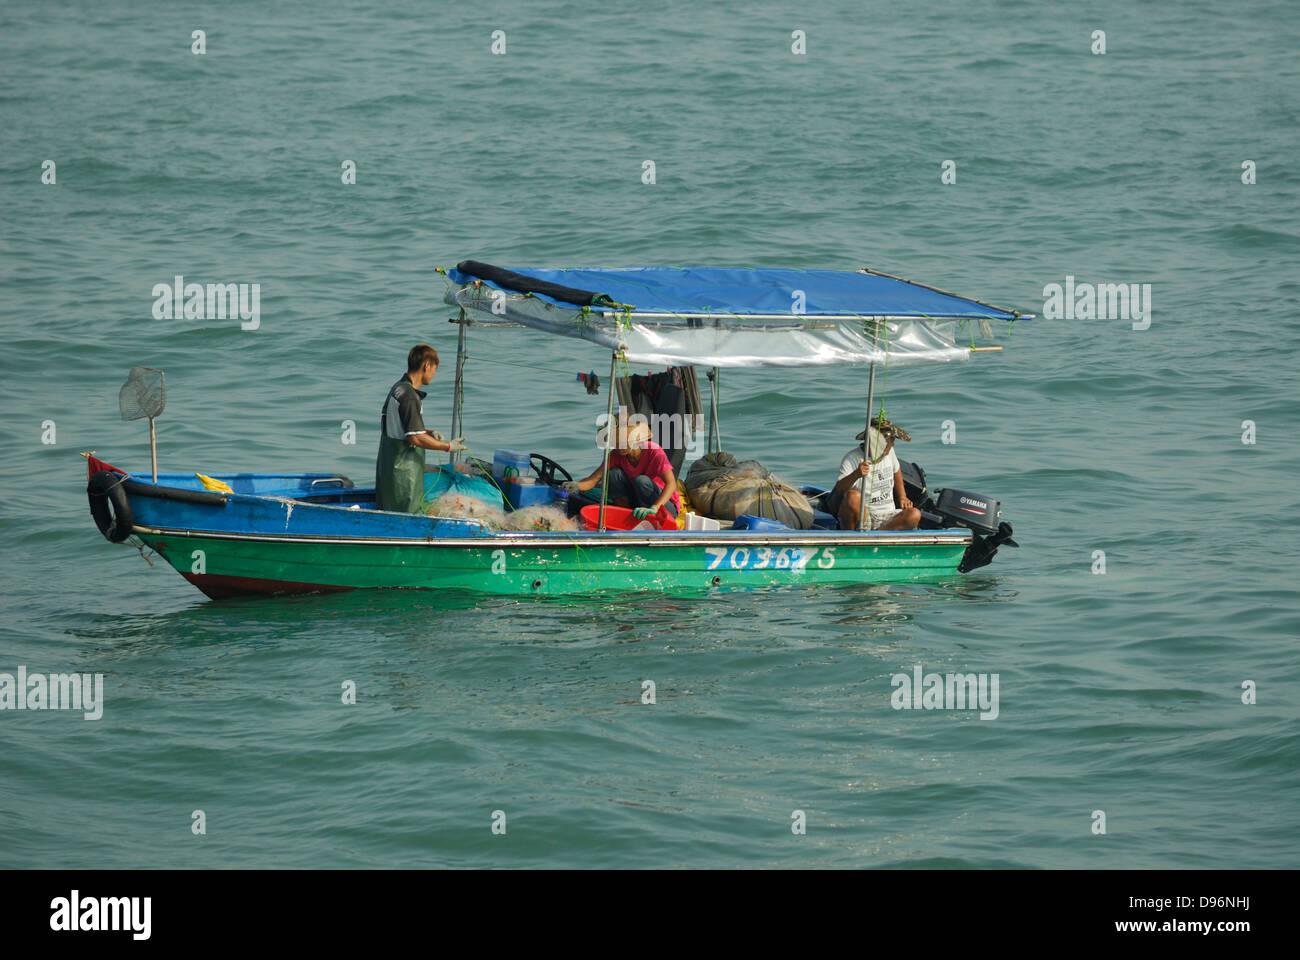 Fisherman e barca nel porto Victoria, Hong Kong Cina. Immagini Stock